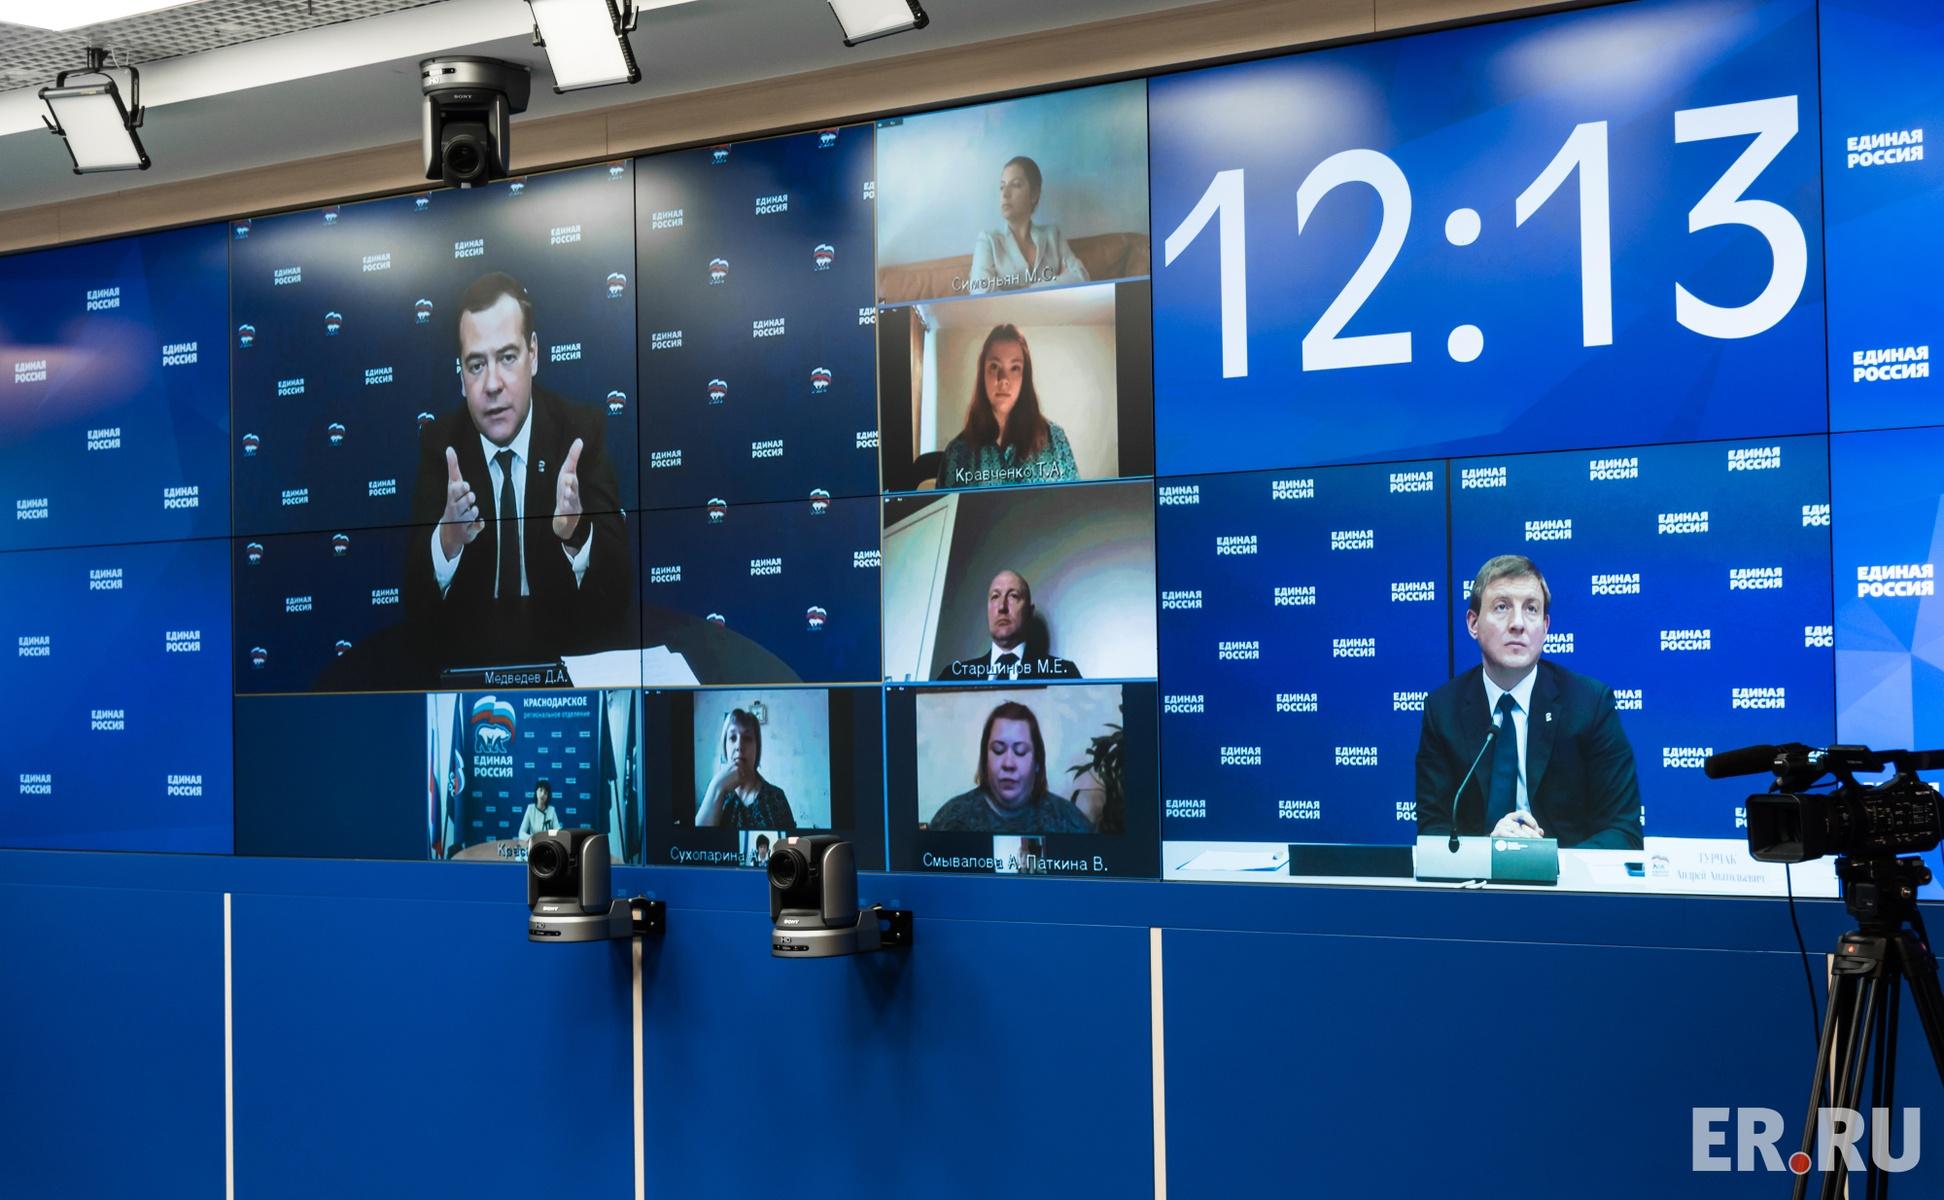 Дмитрий Медведев провел онлайн-прием граждан по защите трудовых прав в период пандемии коронавируса